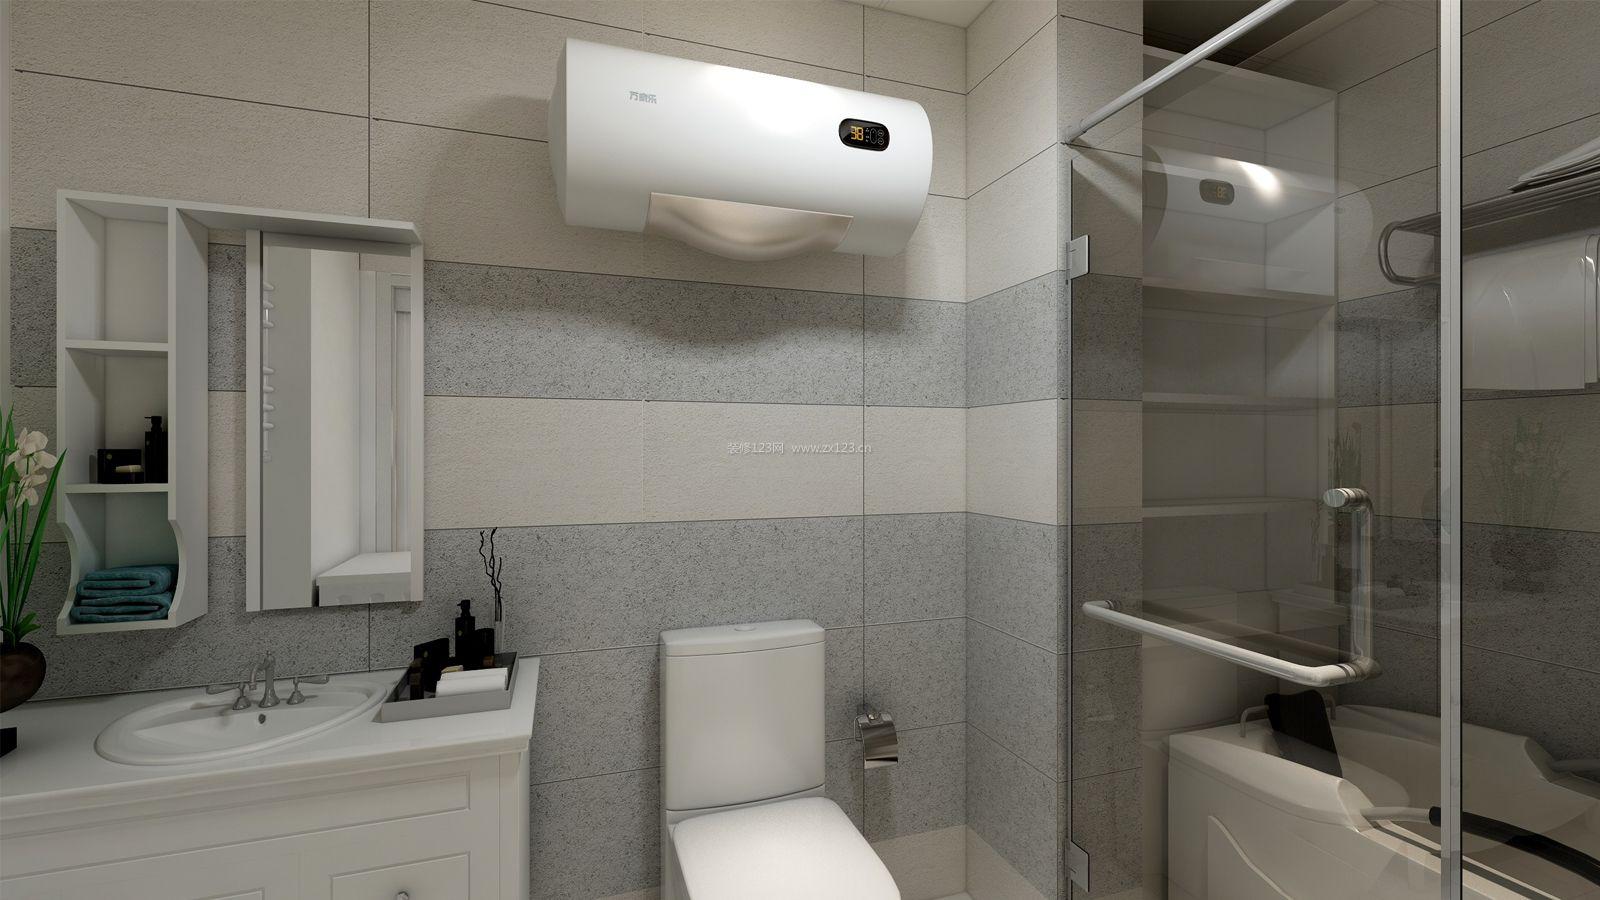 在选择户型卫生间墙砖时要注意什么? - 瓷砖 - 装修